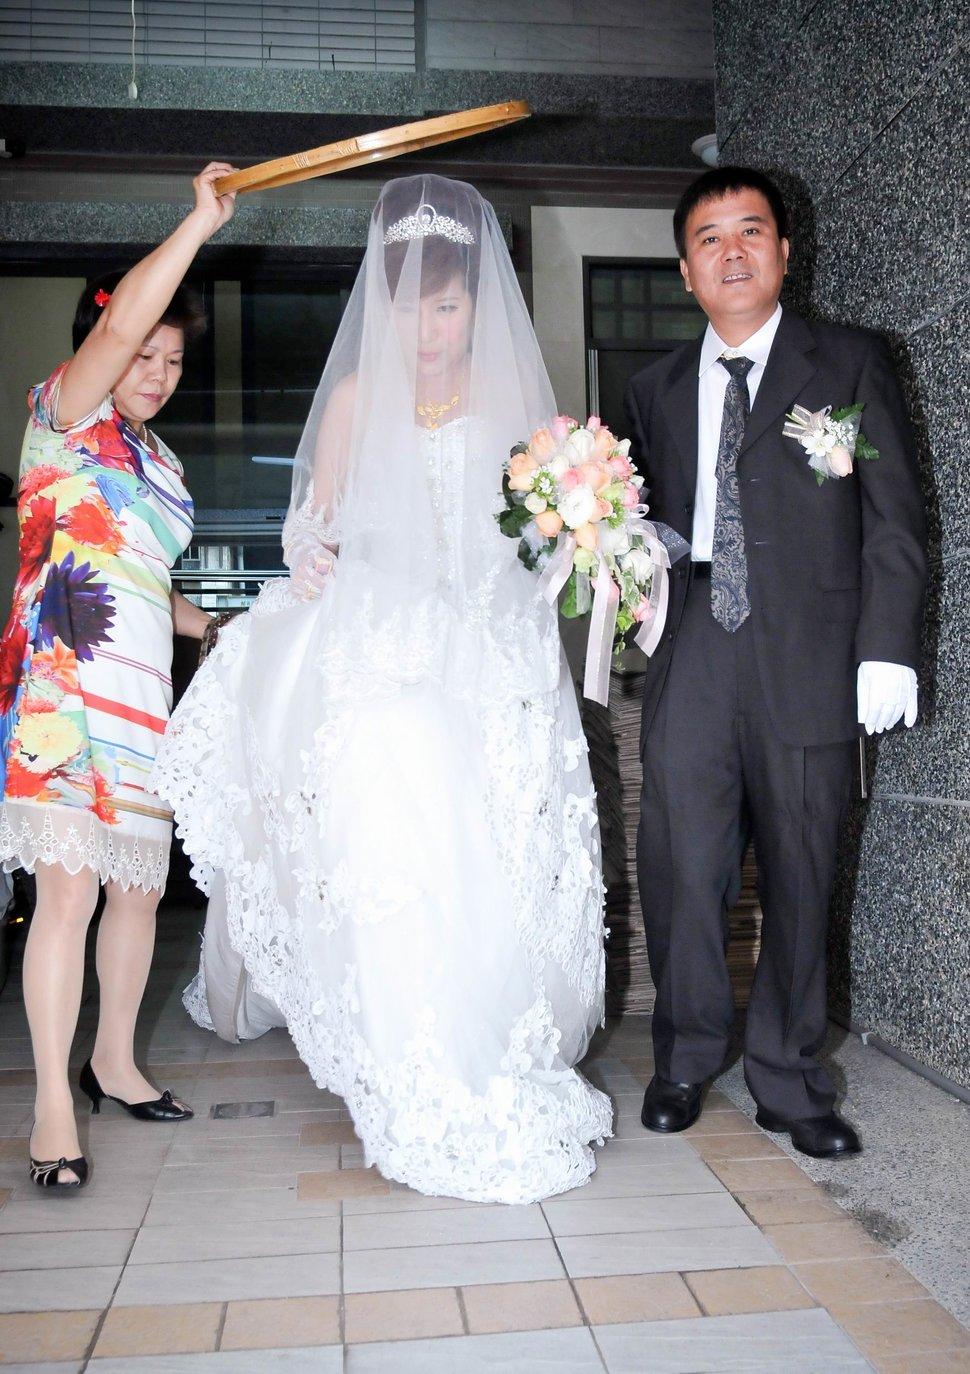 專業婚攝婚禮紀錄婚禮紀錄專業錄影婚禮錄影婚禮記錄動態微電影錄影專業錄影平面攝影婚攝婚禮主持人(編號:280443) - 蜜月拍照10800錄影12800攝影團隊 - 結婚吧